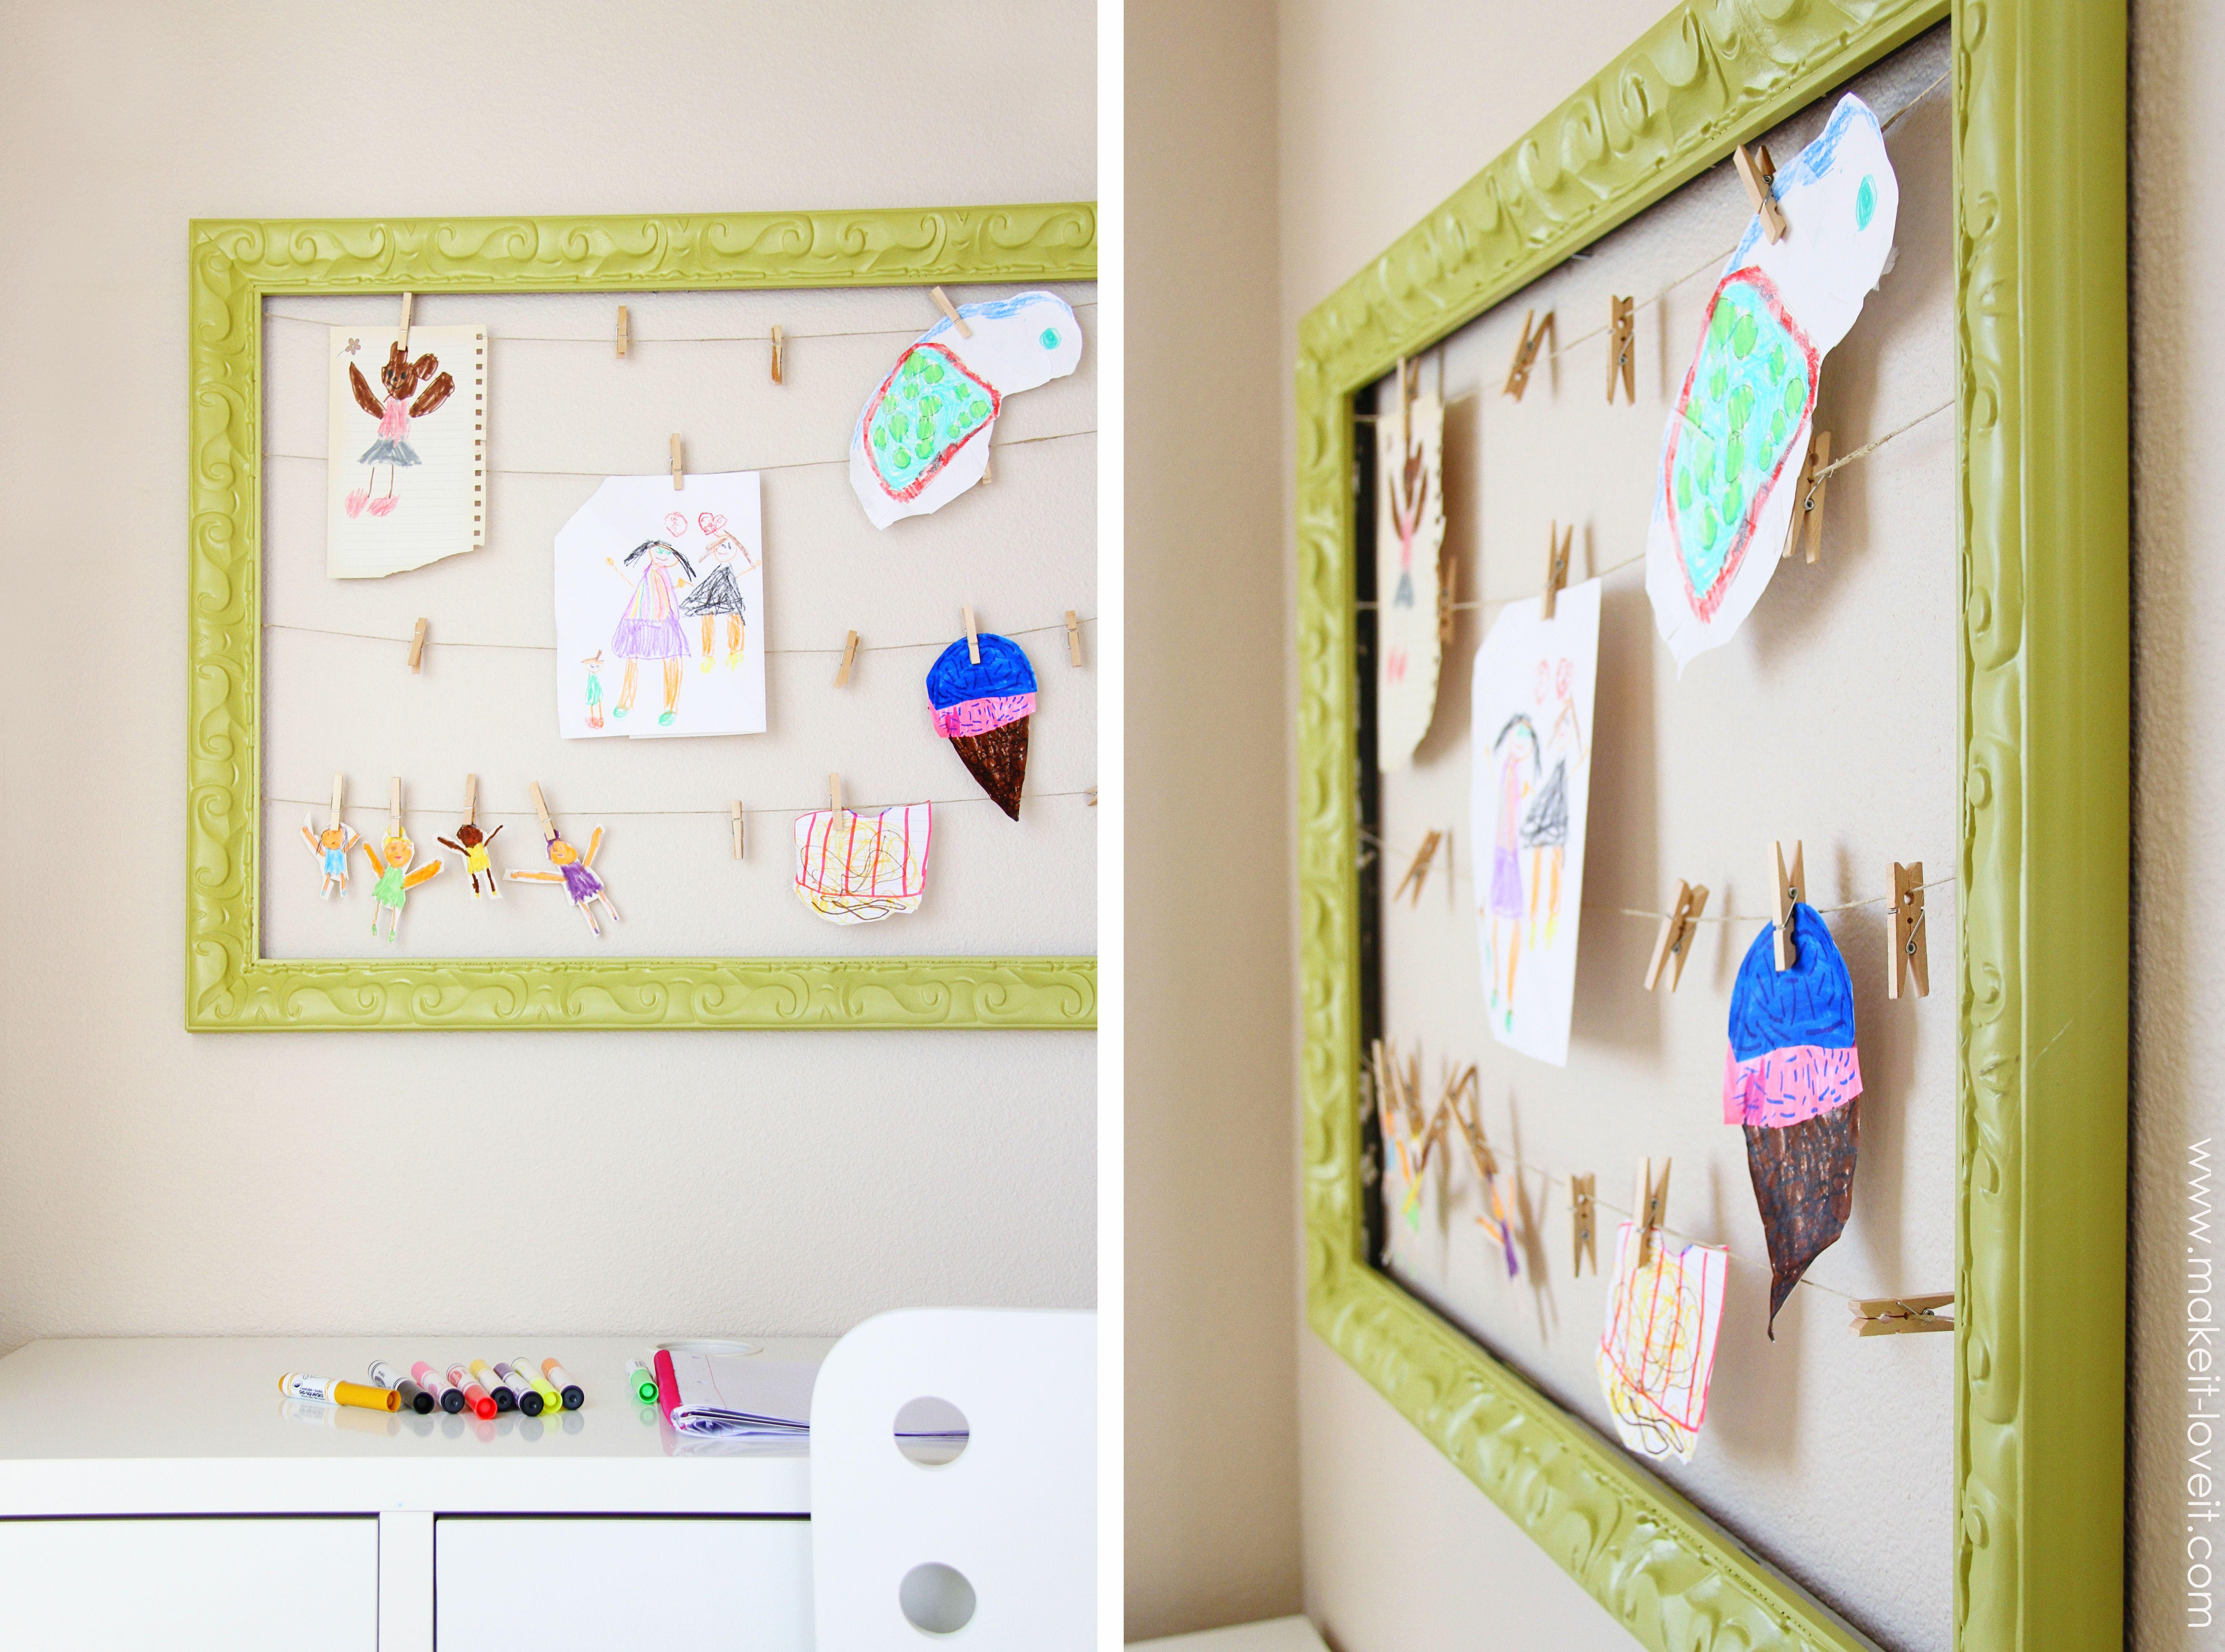 Artwork Display Frame | Artwork display, Display and Room